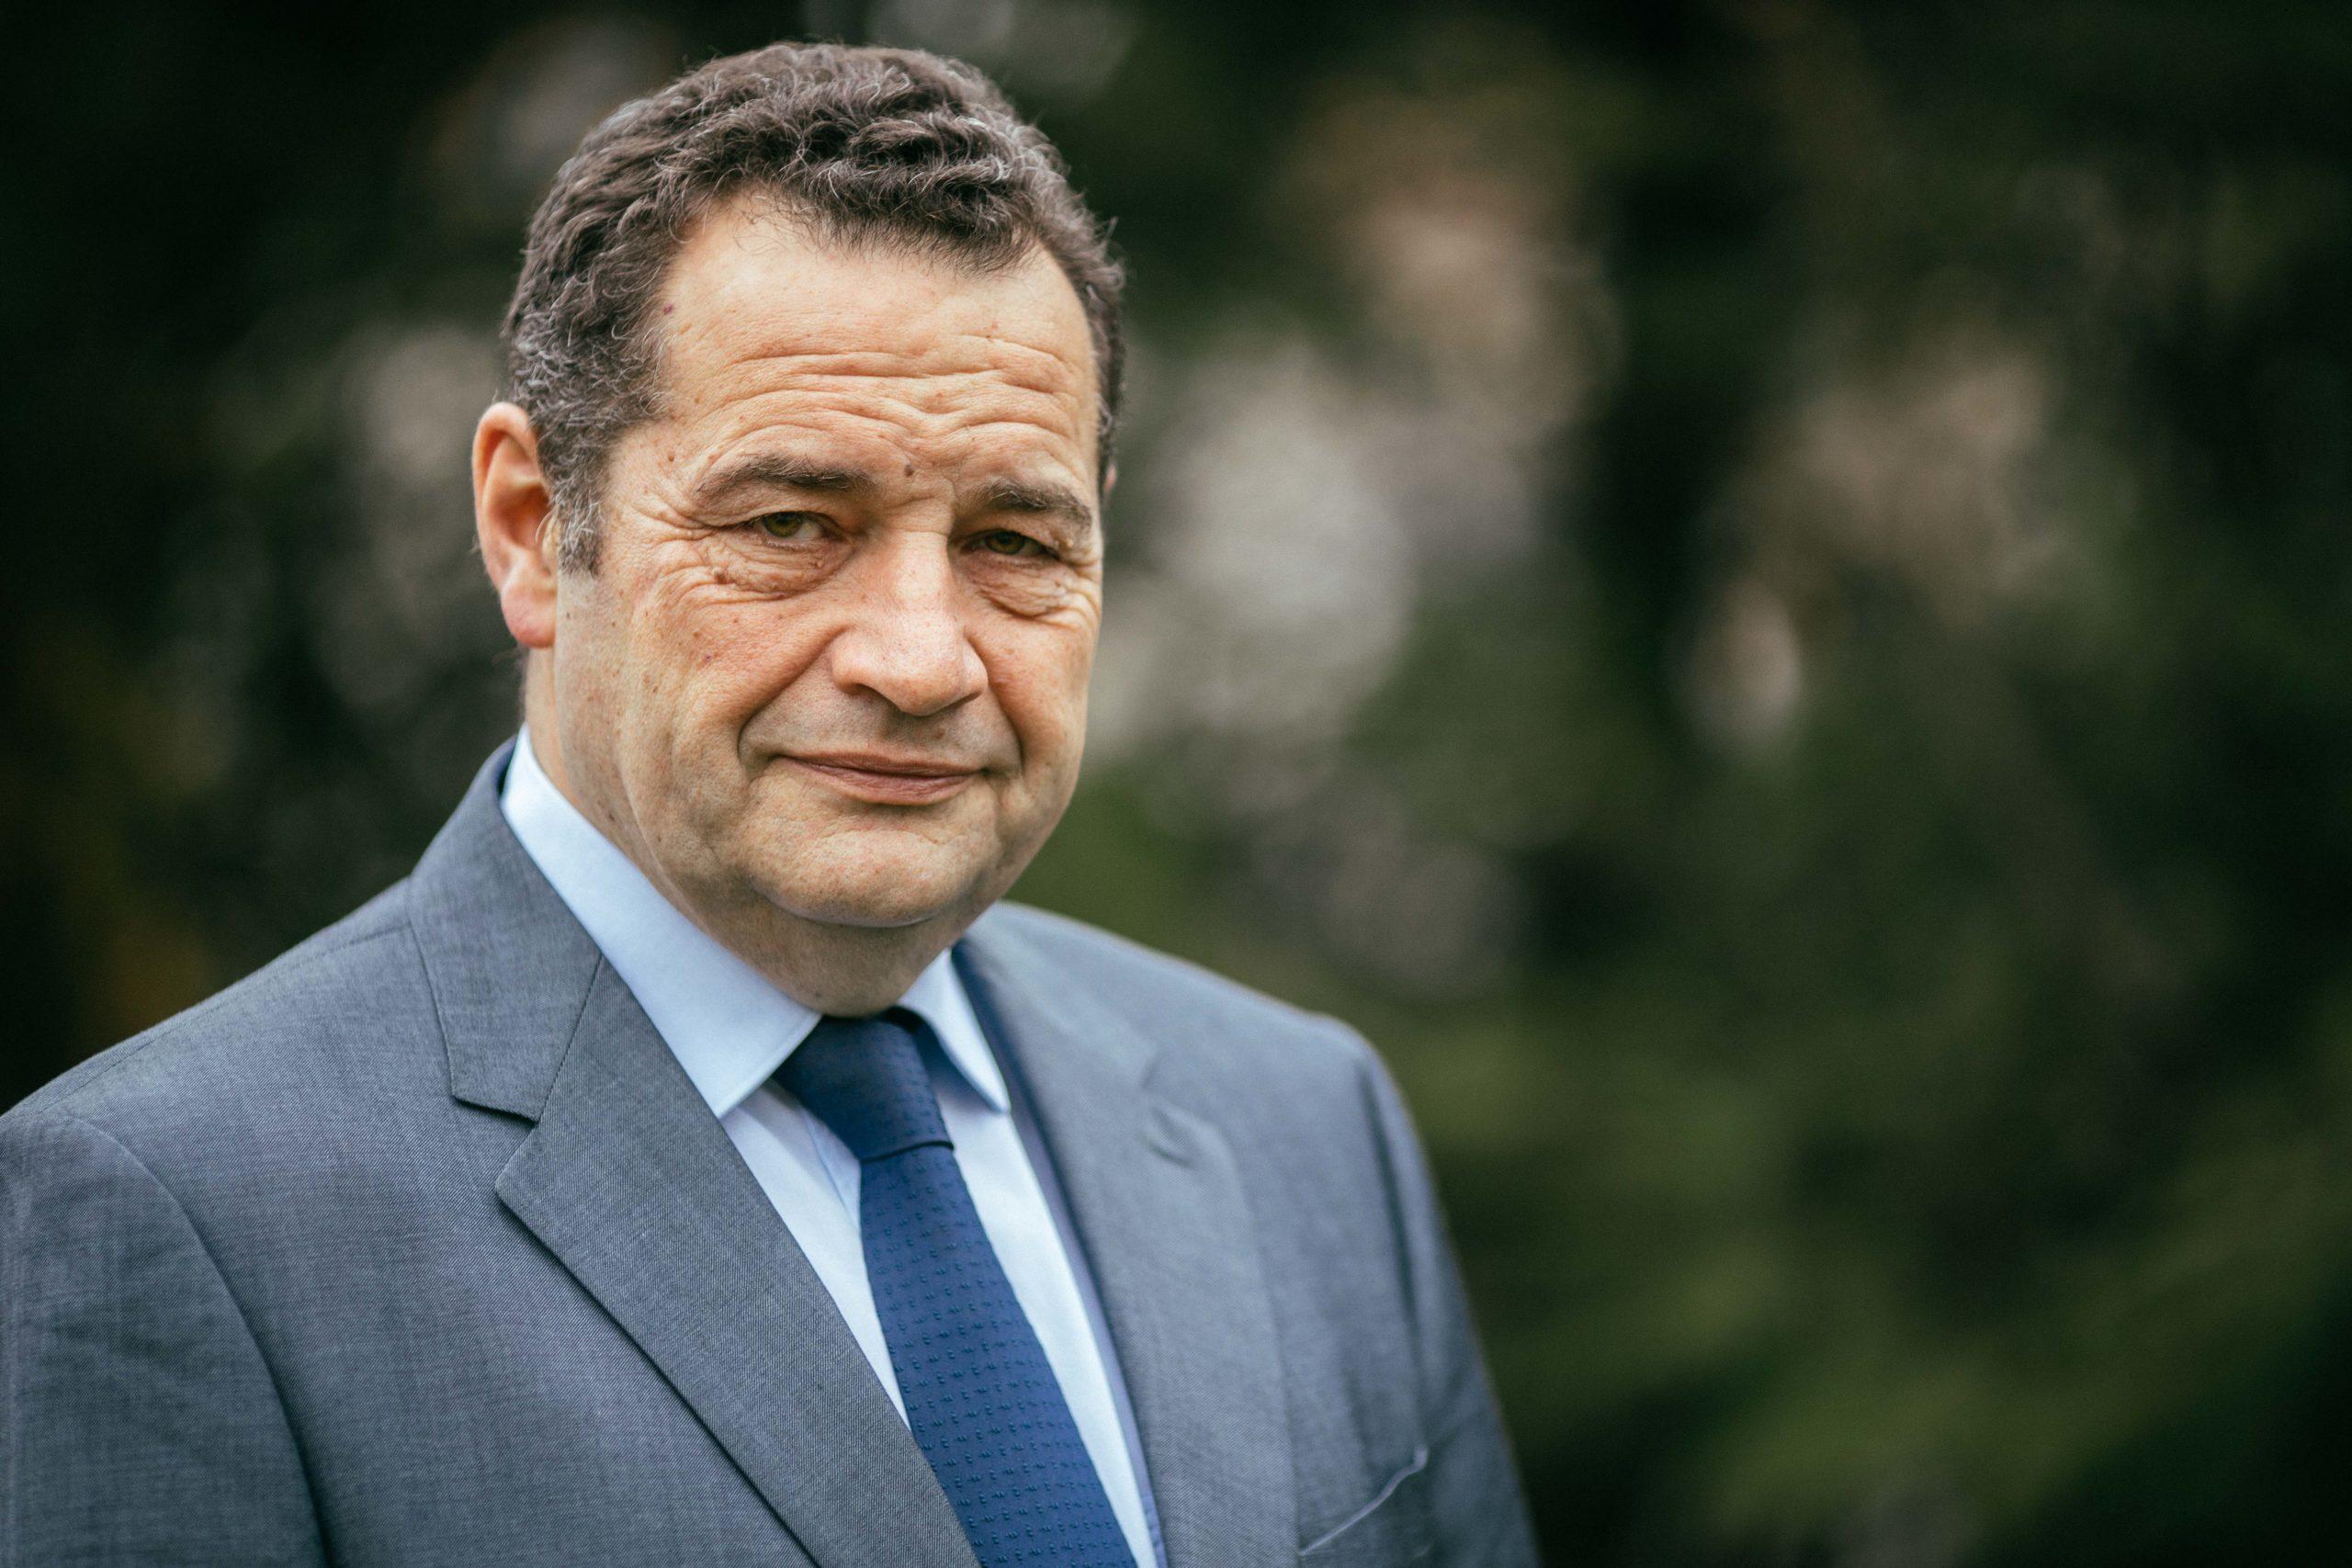 """(Entretien) Jean-Frédéric Poisson (VIA), """"J'entends conserver ce qui a fait la grandeur de la France"""""""